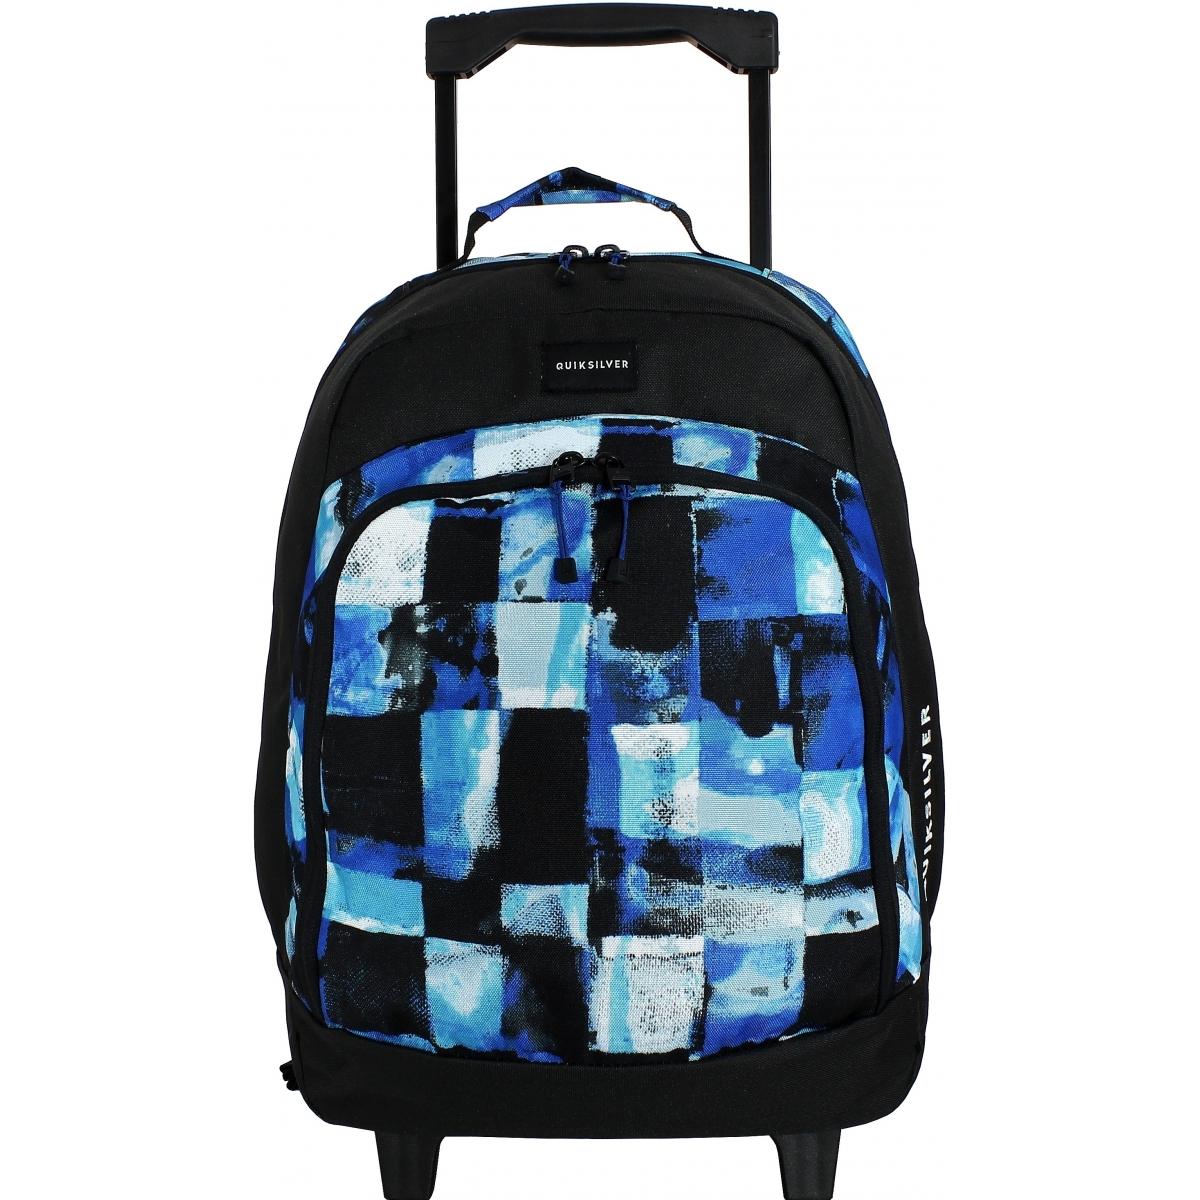 sac dos scolaire roulettes porte ordinateur quiksilver p03033bqs6 couleur principale. Black Bedroom Furniture Sets. Home Design Ideas